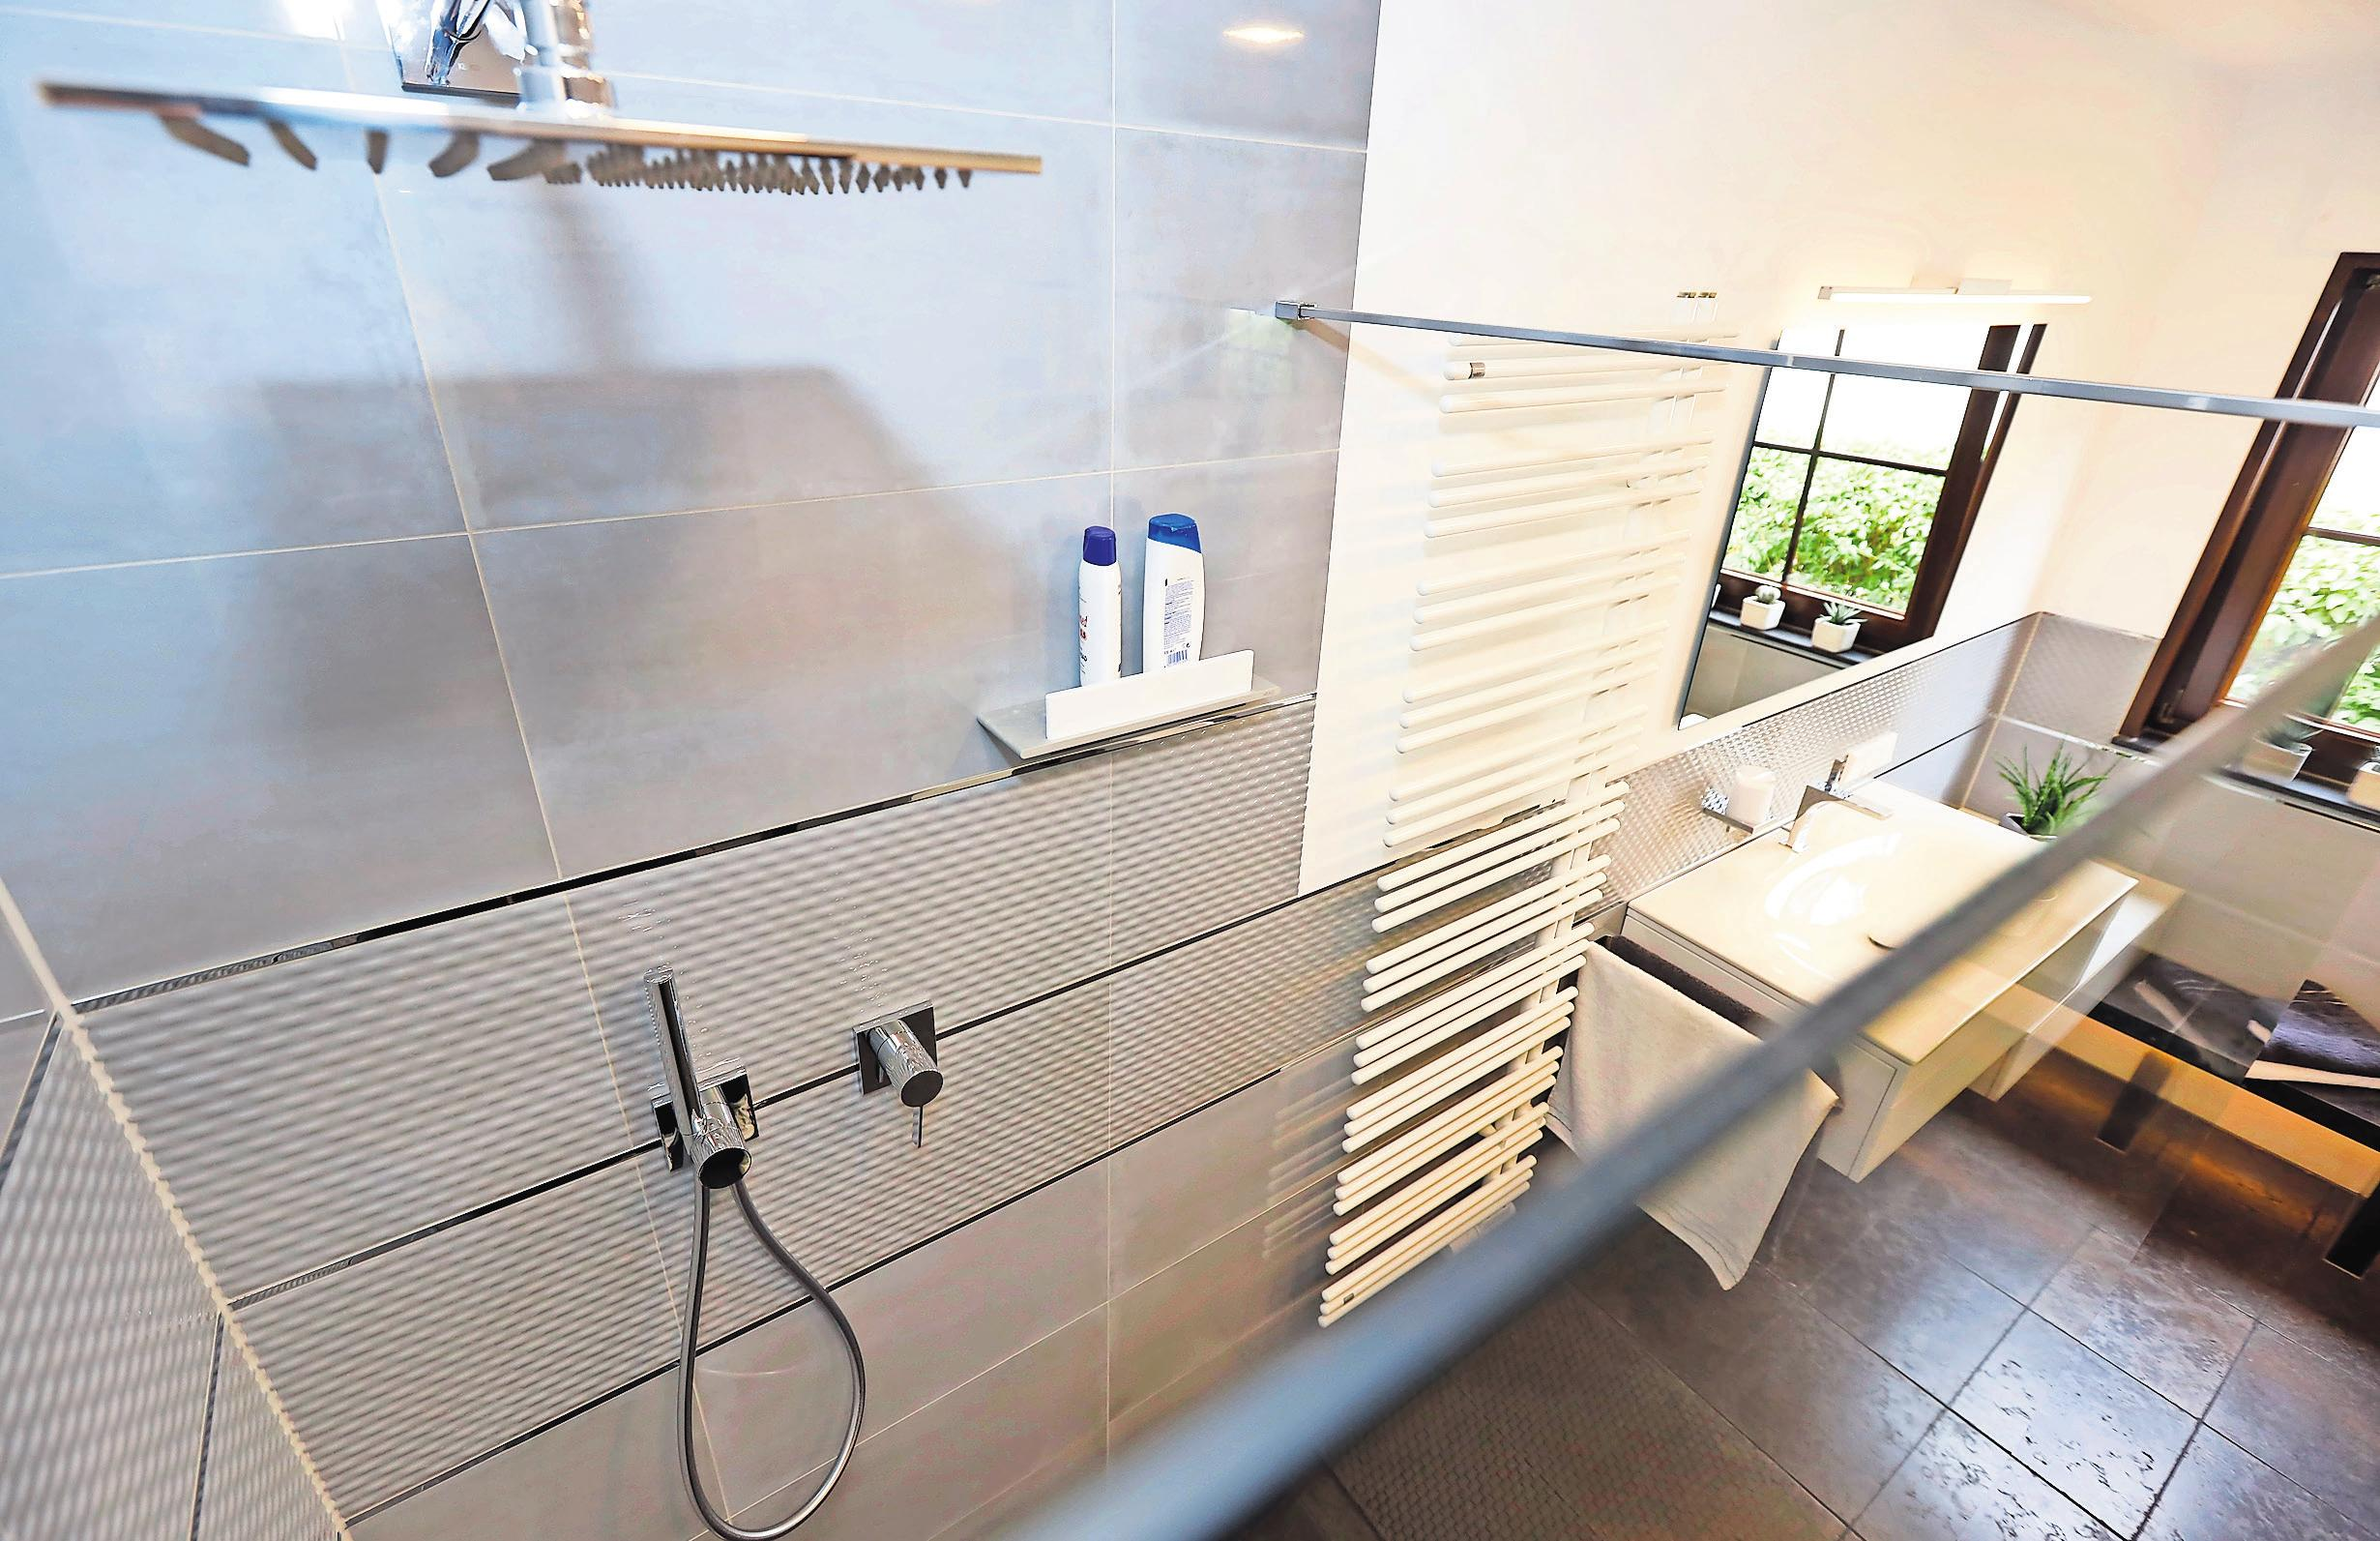 Bodentief und offen fügt sich die Regendusche perfekt ins Badezimmer ein.